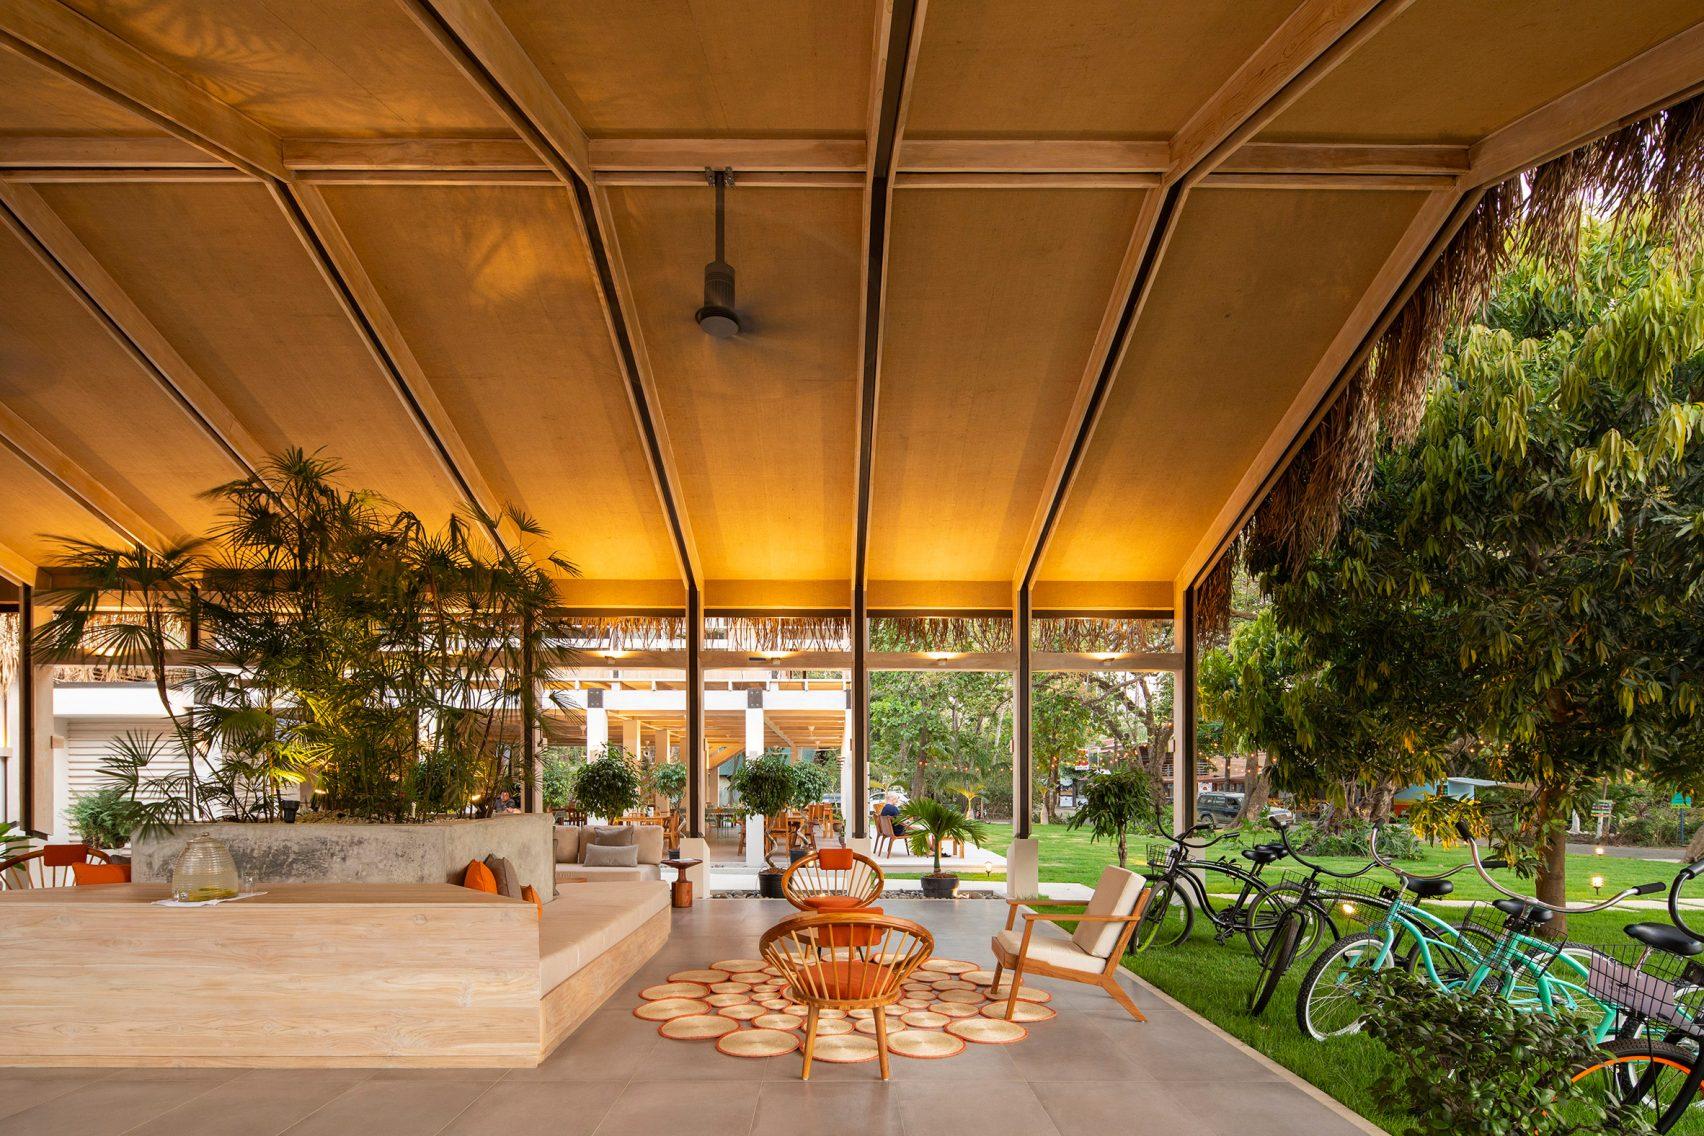 Thiết kế sân vườn Resort 6